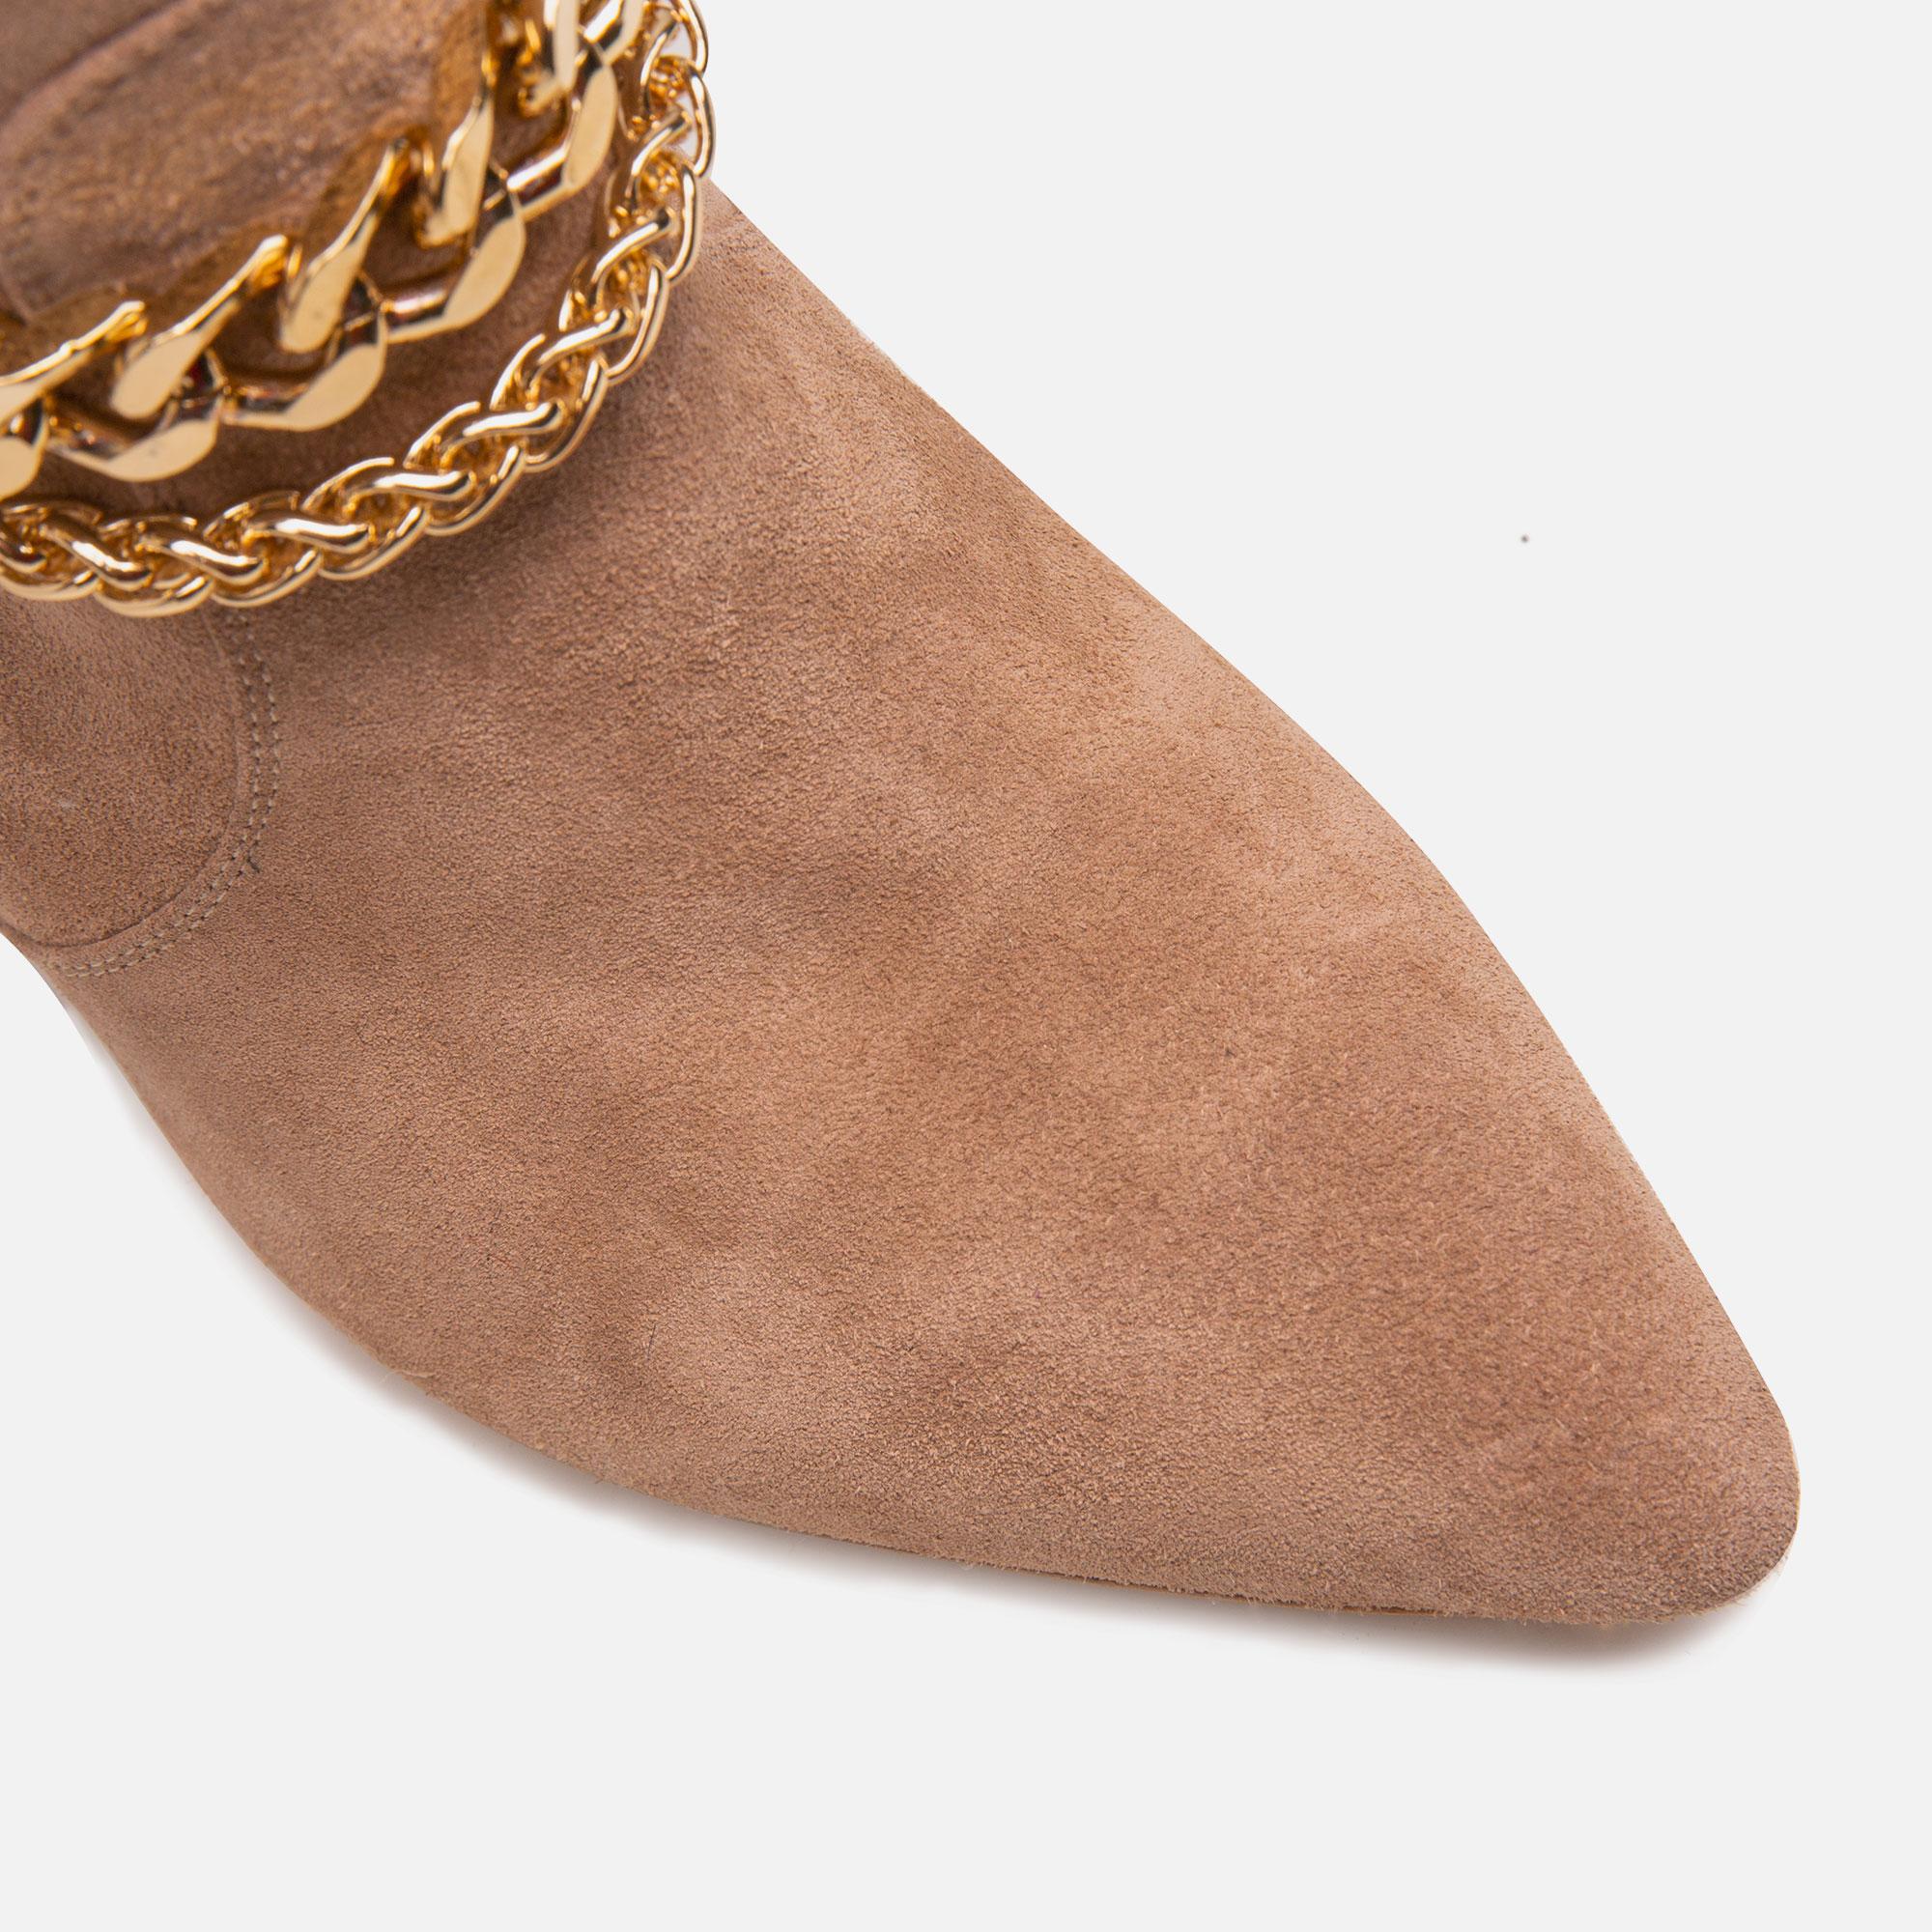 Cizme din piele intoarsa peste genunchi cu accesorii metalice detasabile Ginissima imagine 1